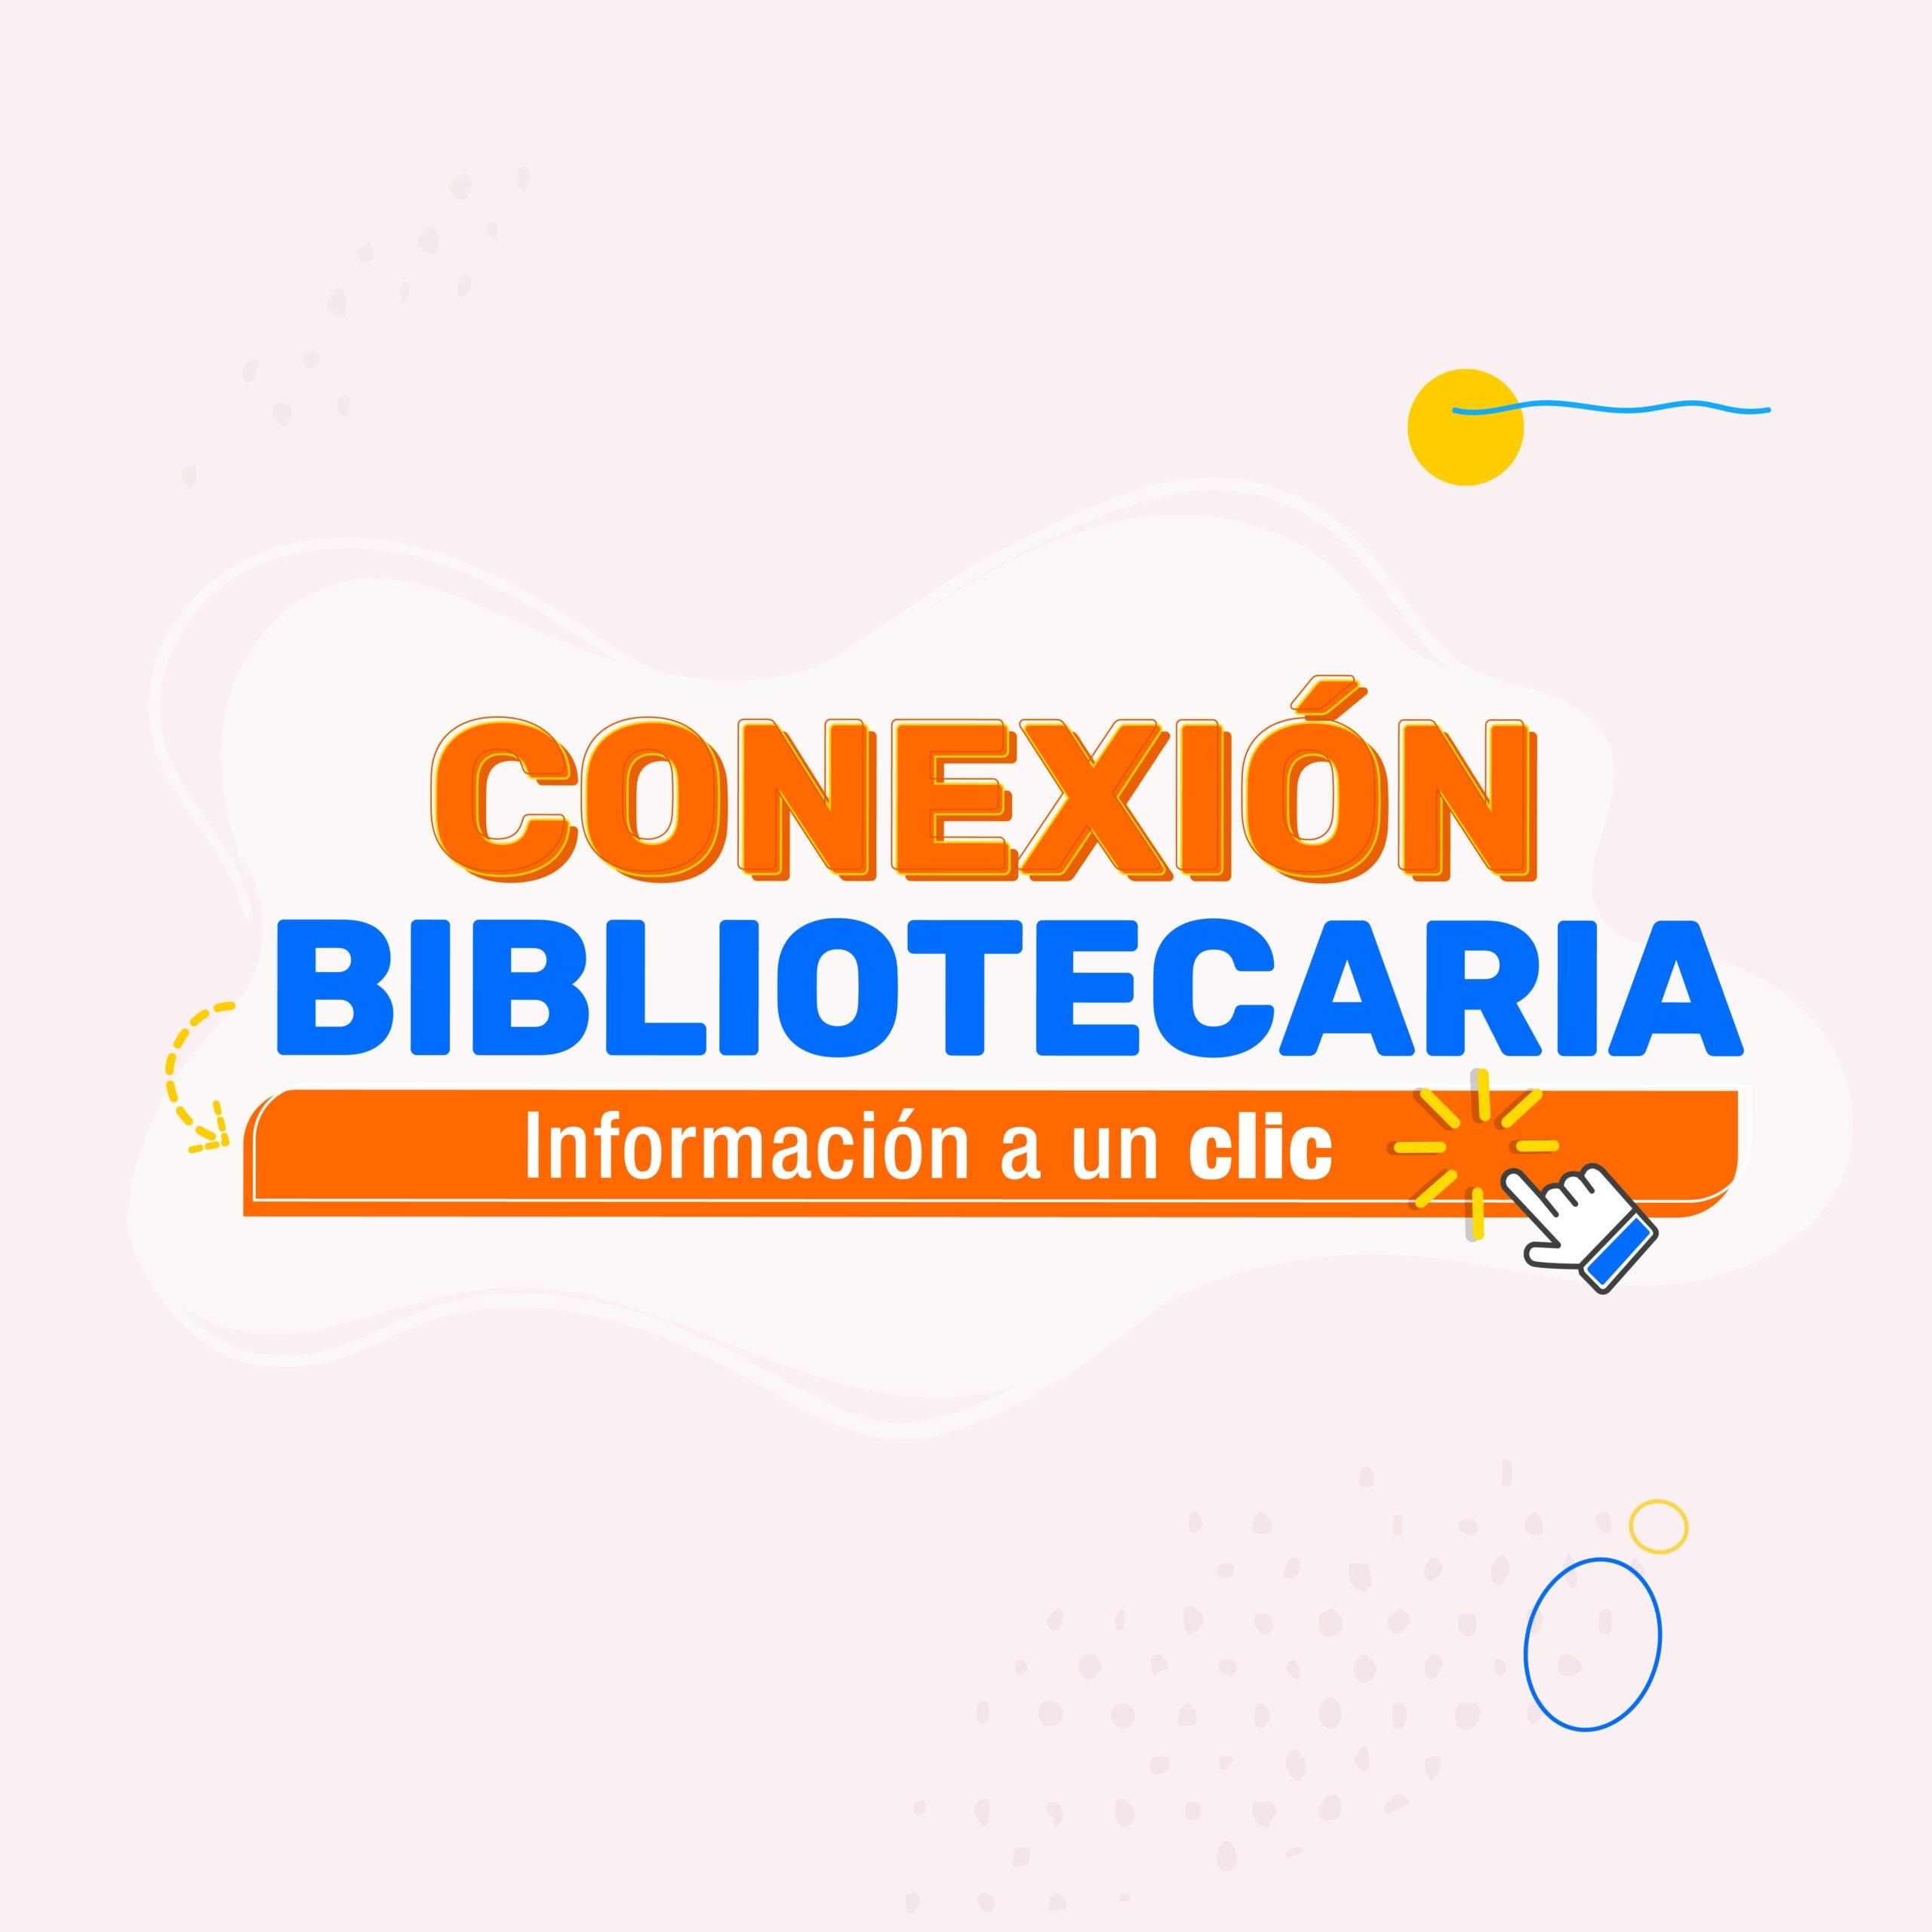 Conexión bibliotecaria, información a un clic